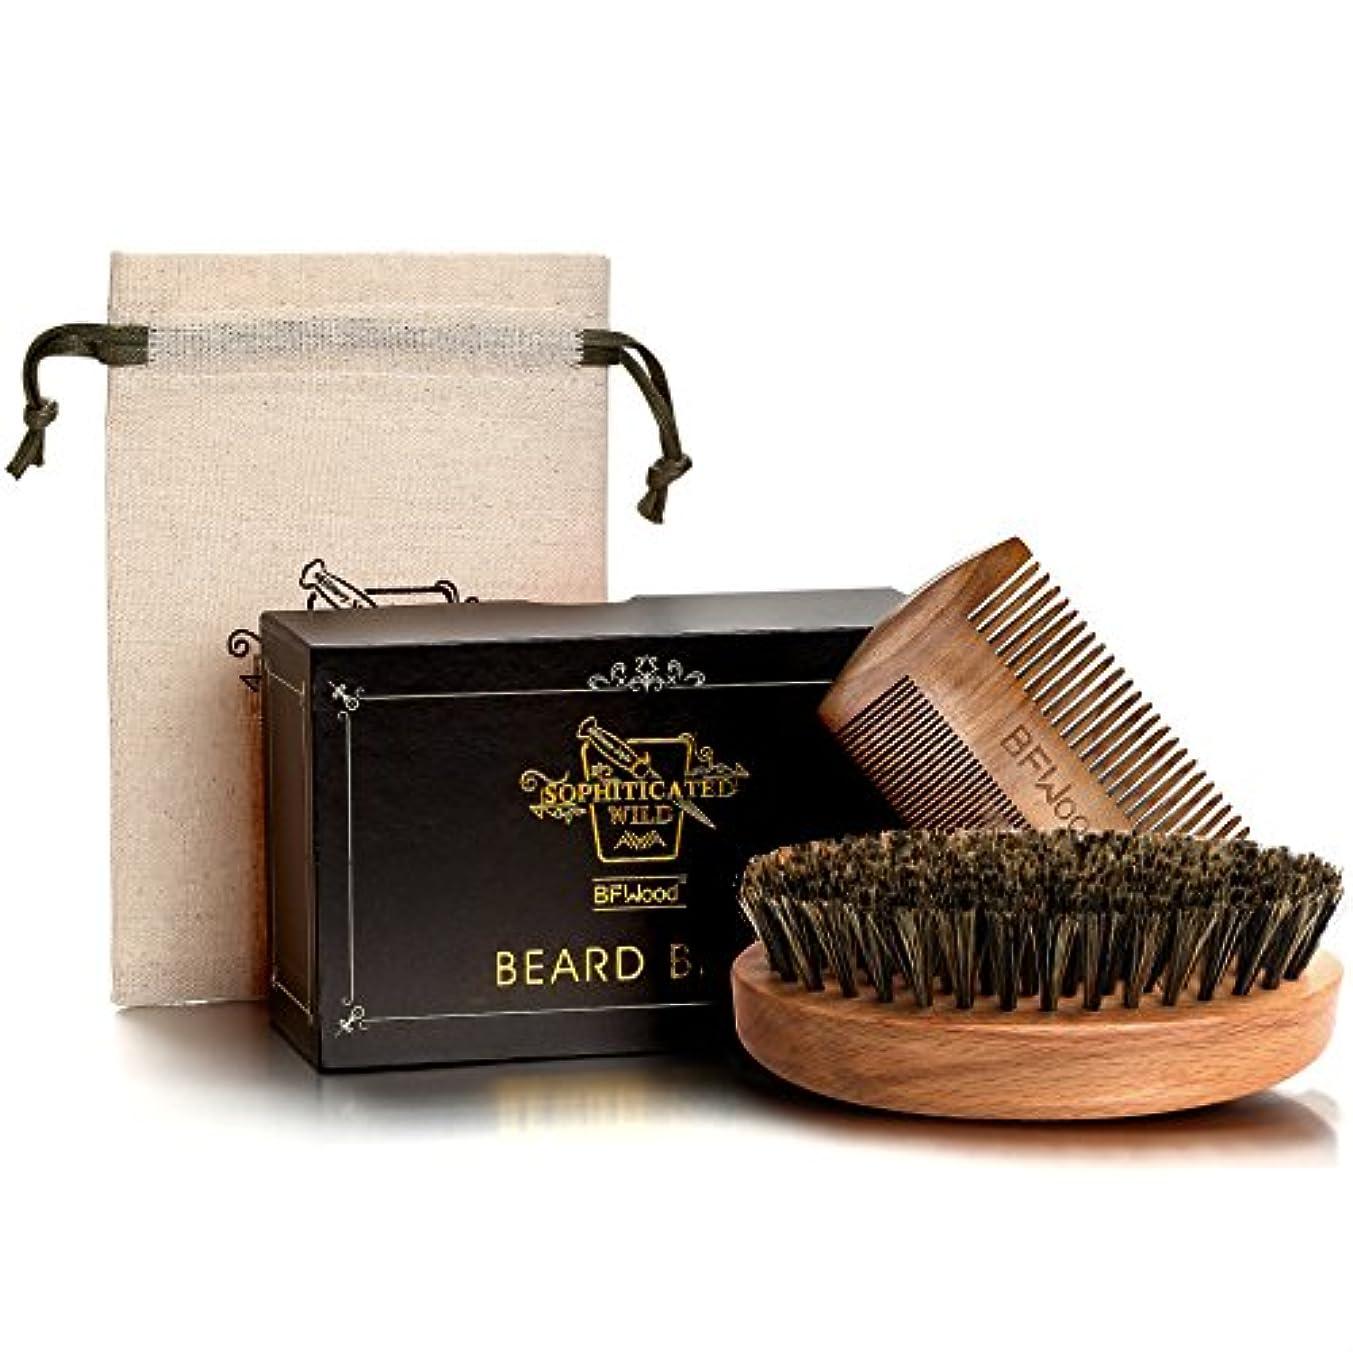 そこ隔離抑制するBFWood Beard Brush Set 豚毛髭ブラシと木製コム アメリカミリタリースタイル (ブラシとコムセット)